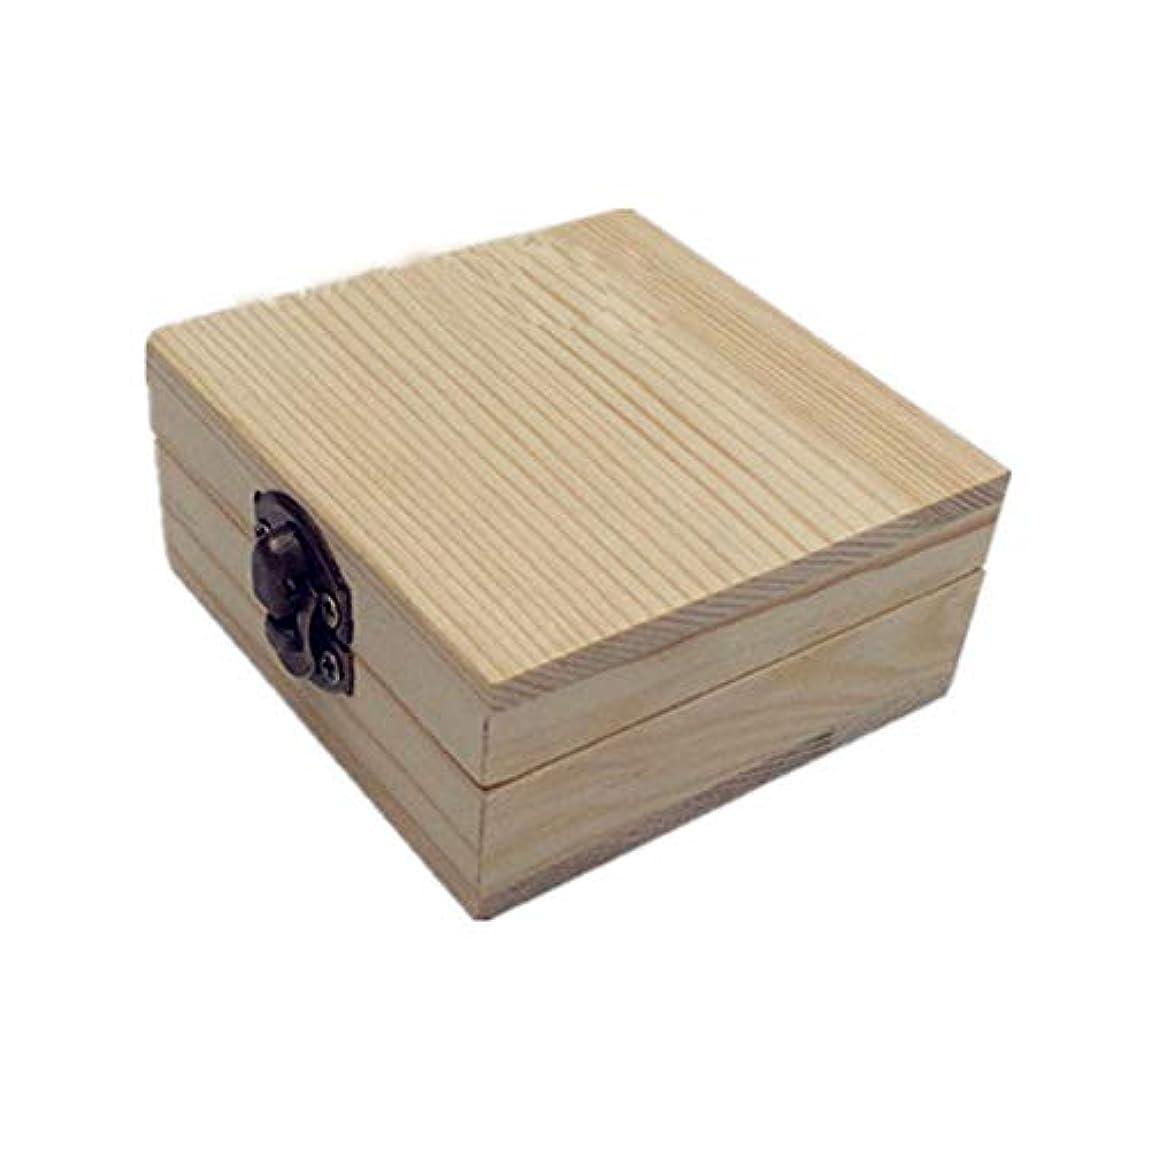 ピービッシュ共産主義者発掘精油ケース 木製のエッセンシャルオイルボックスパーフェクトエッセンシャルオイルケースはエッセンシャル2本のボトル用保持します 携帯便利 (色 : Natural, サイズ : 7X7X3.5CM)